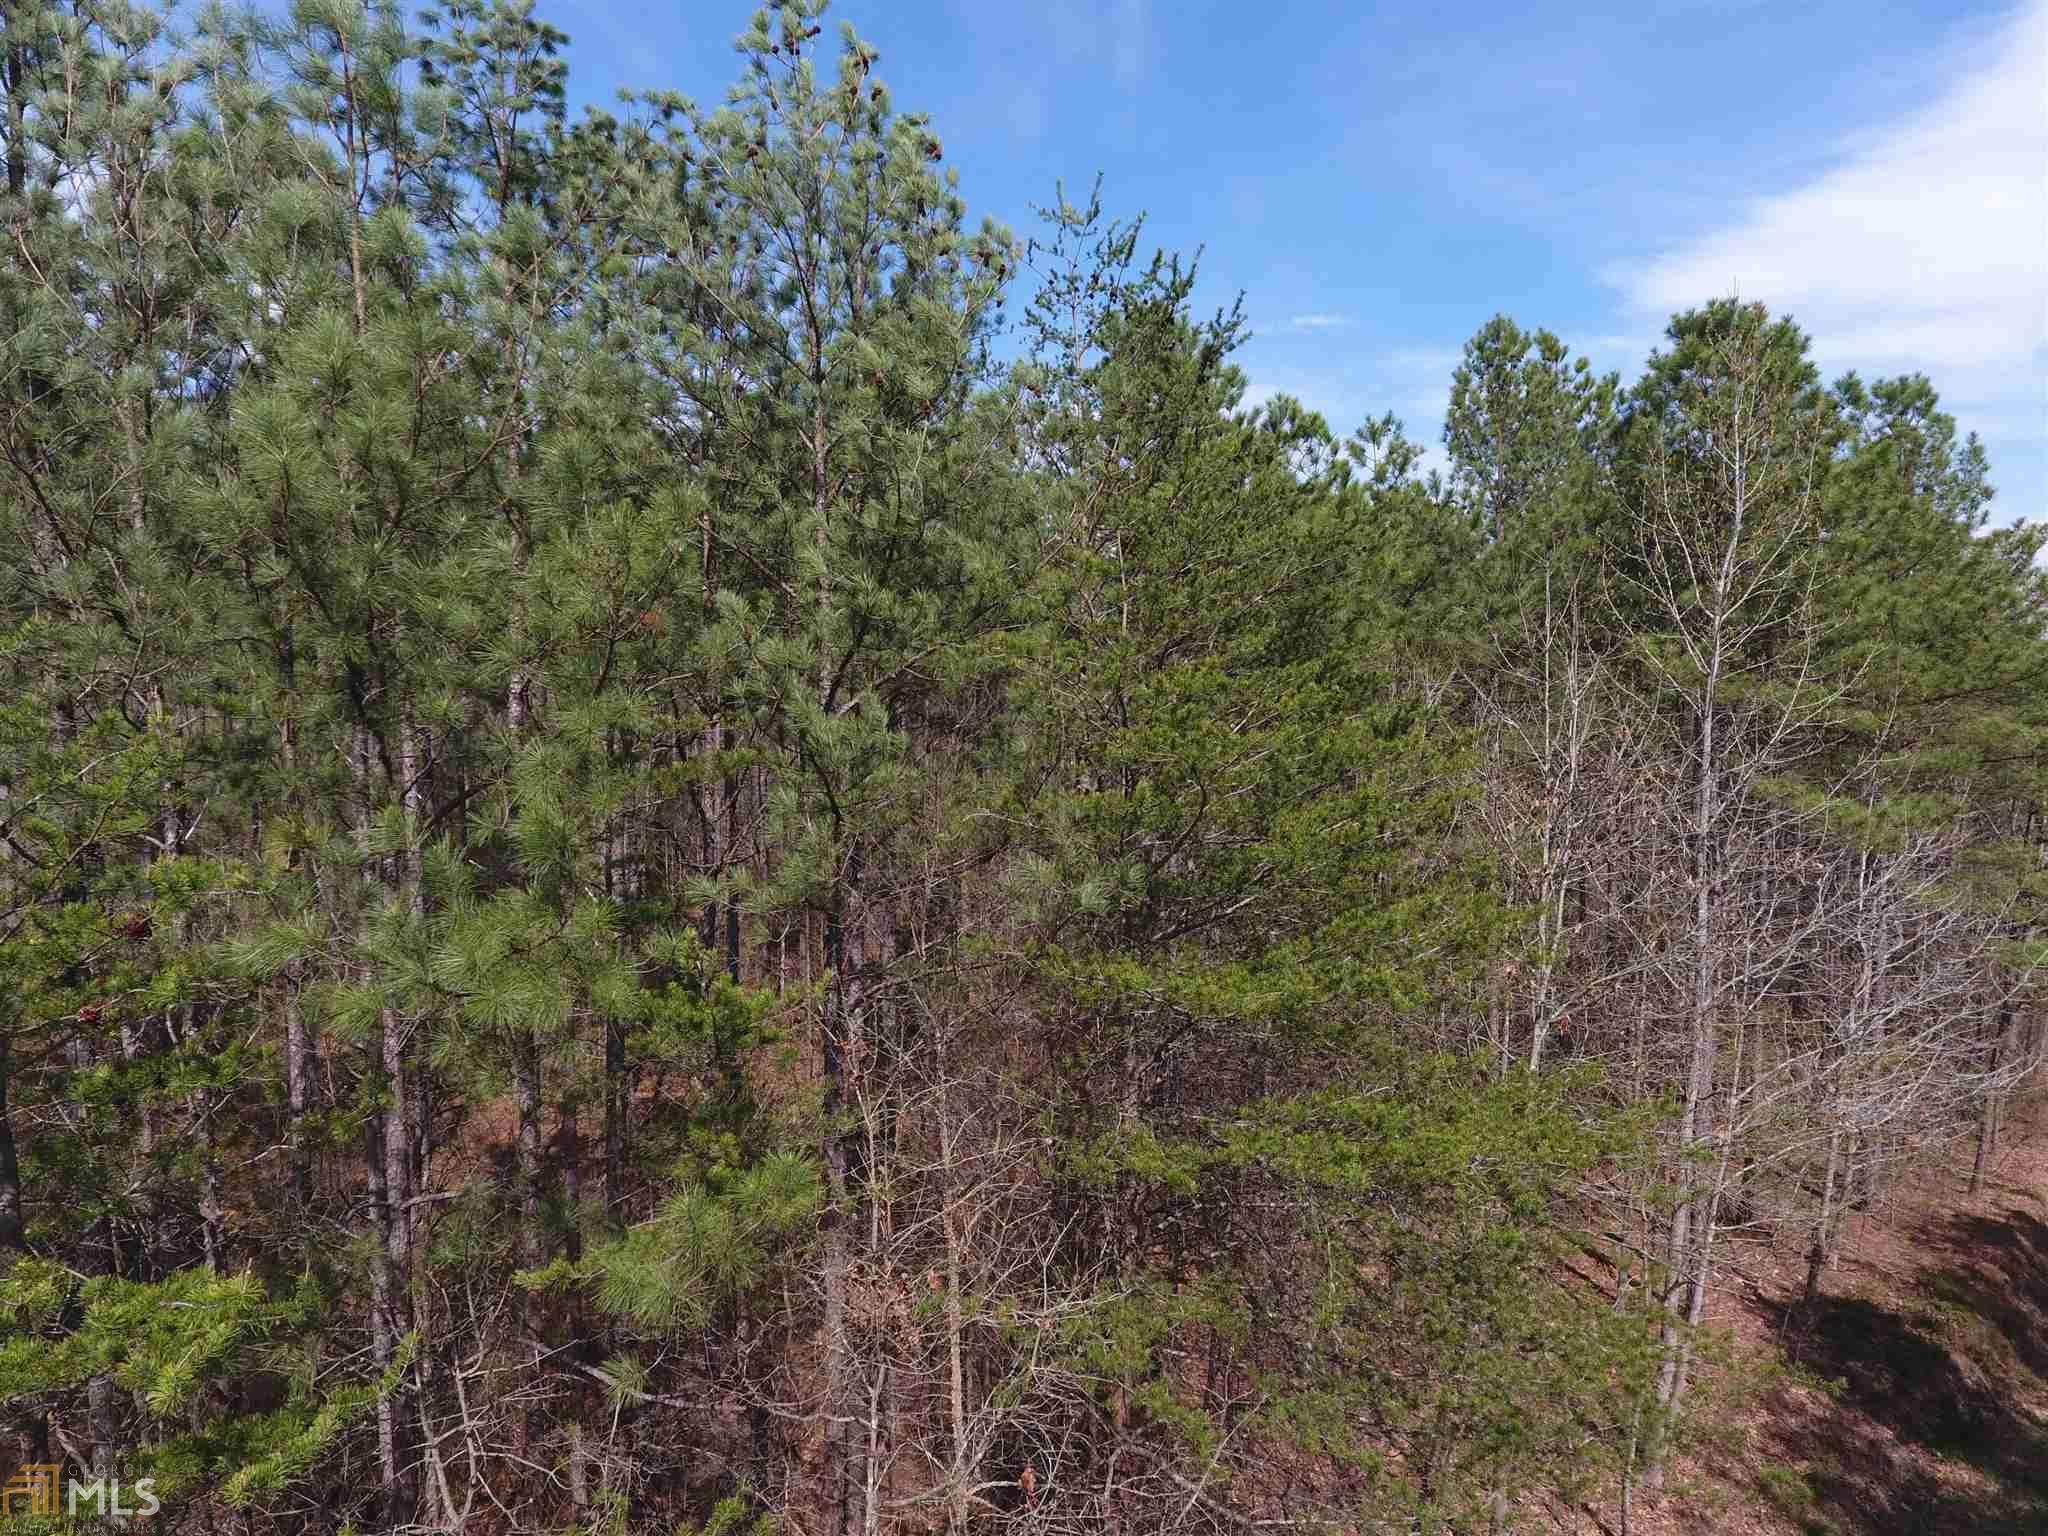 0 Pine Ridge Rd 5004-2, White, GA 30184 (MLS #8757774) :: Buffington Real Estate Group